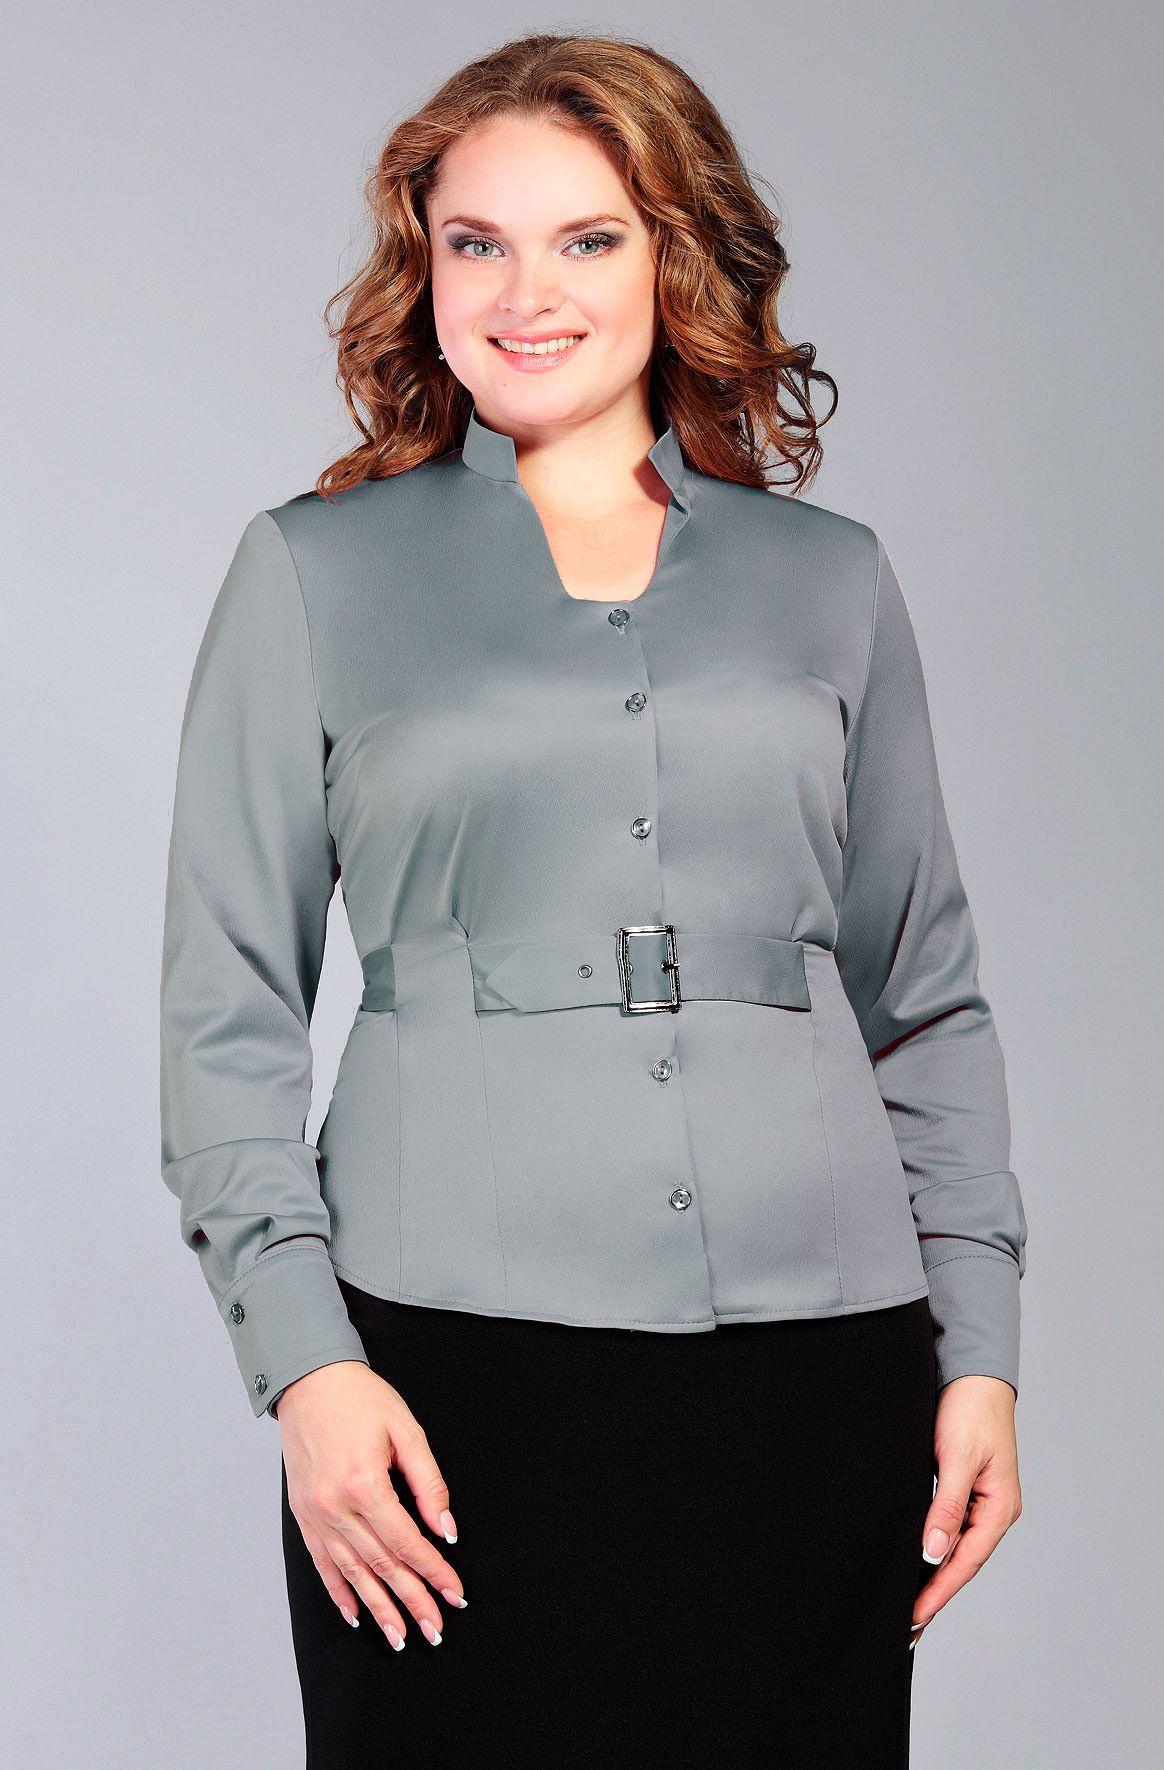 Блузки для полных женщин которые их стройнят выкройка фото 619